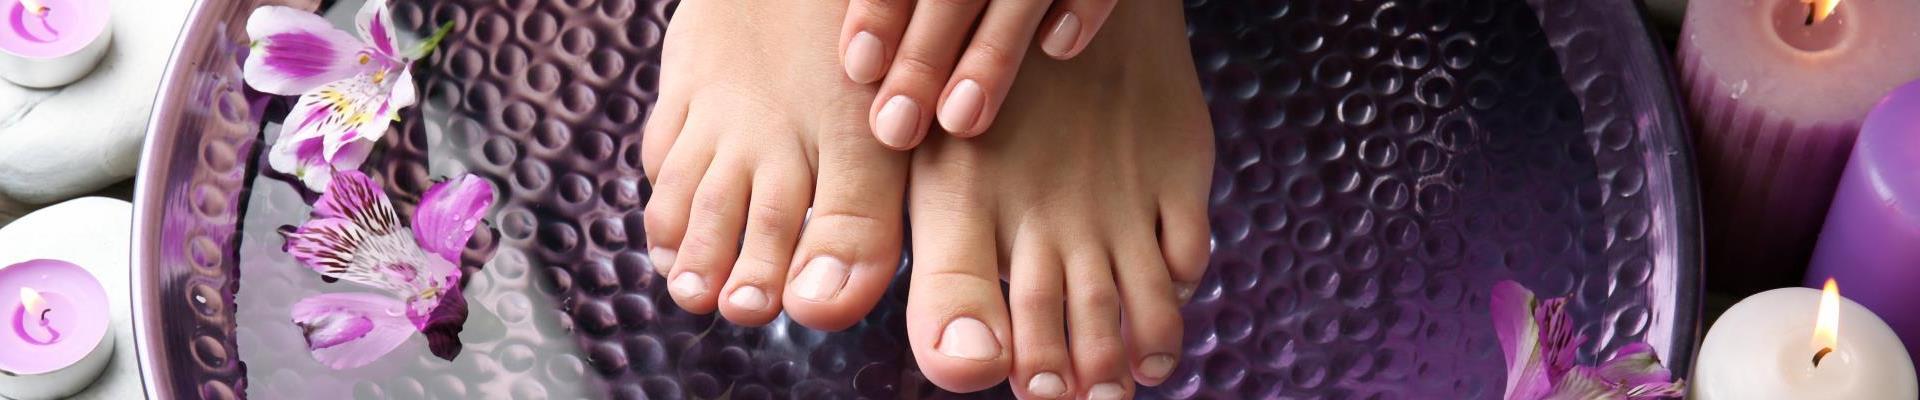 Manicure bij The Wellness Room